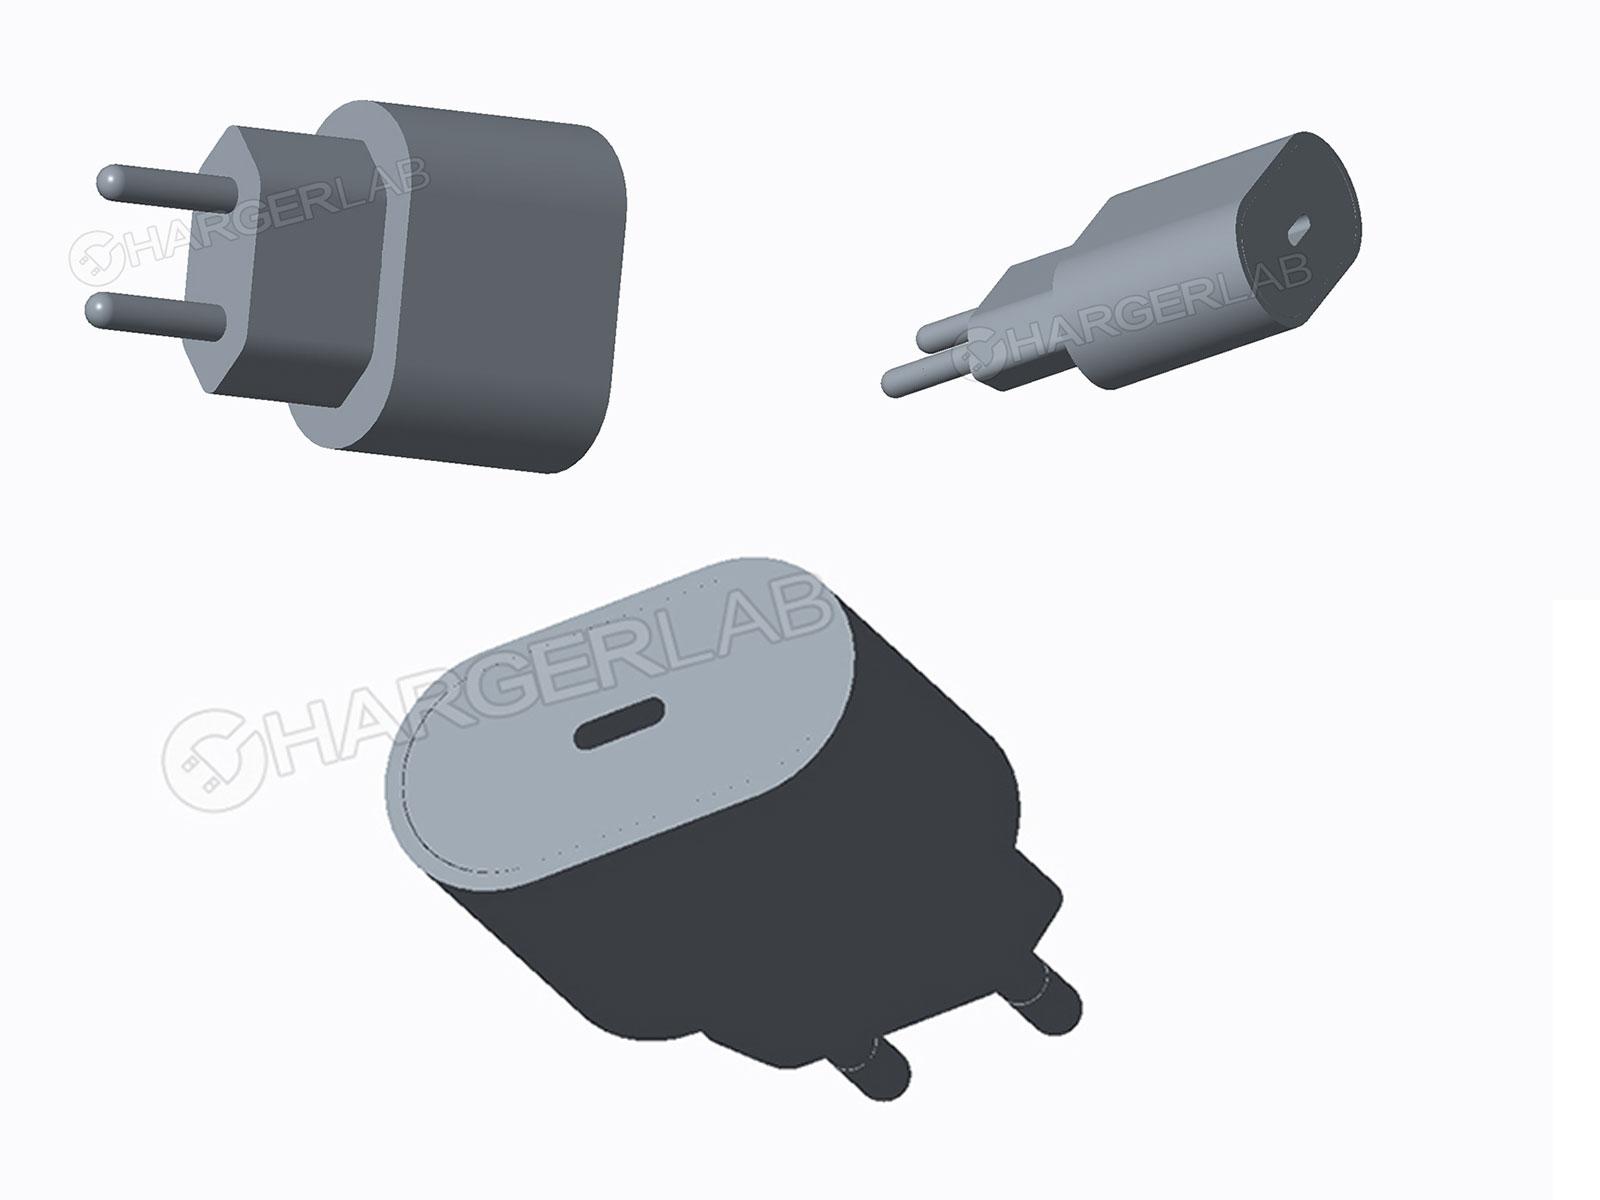 Imágenes generadas por ordenador del hipotético cargador USB-C para iPhone